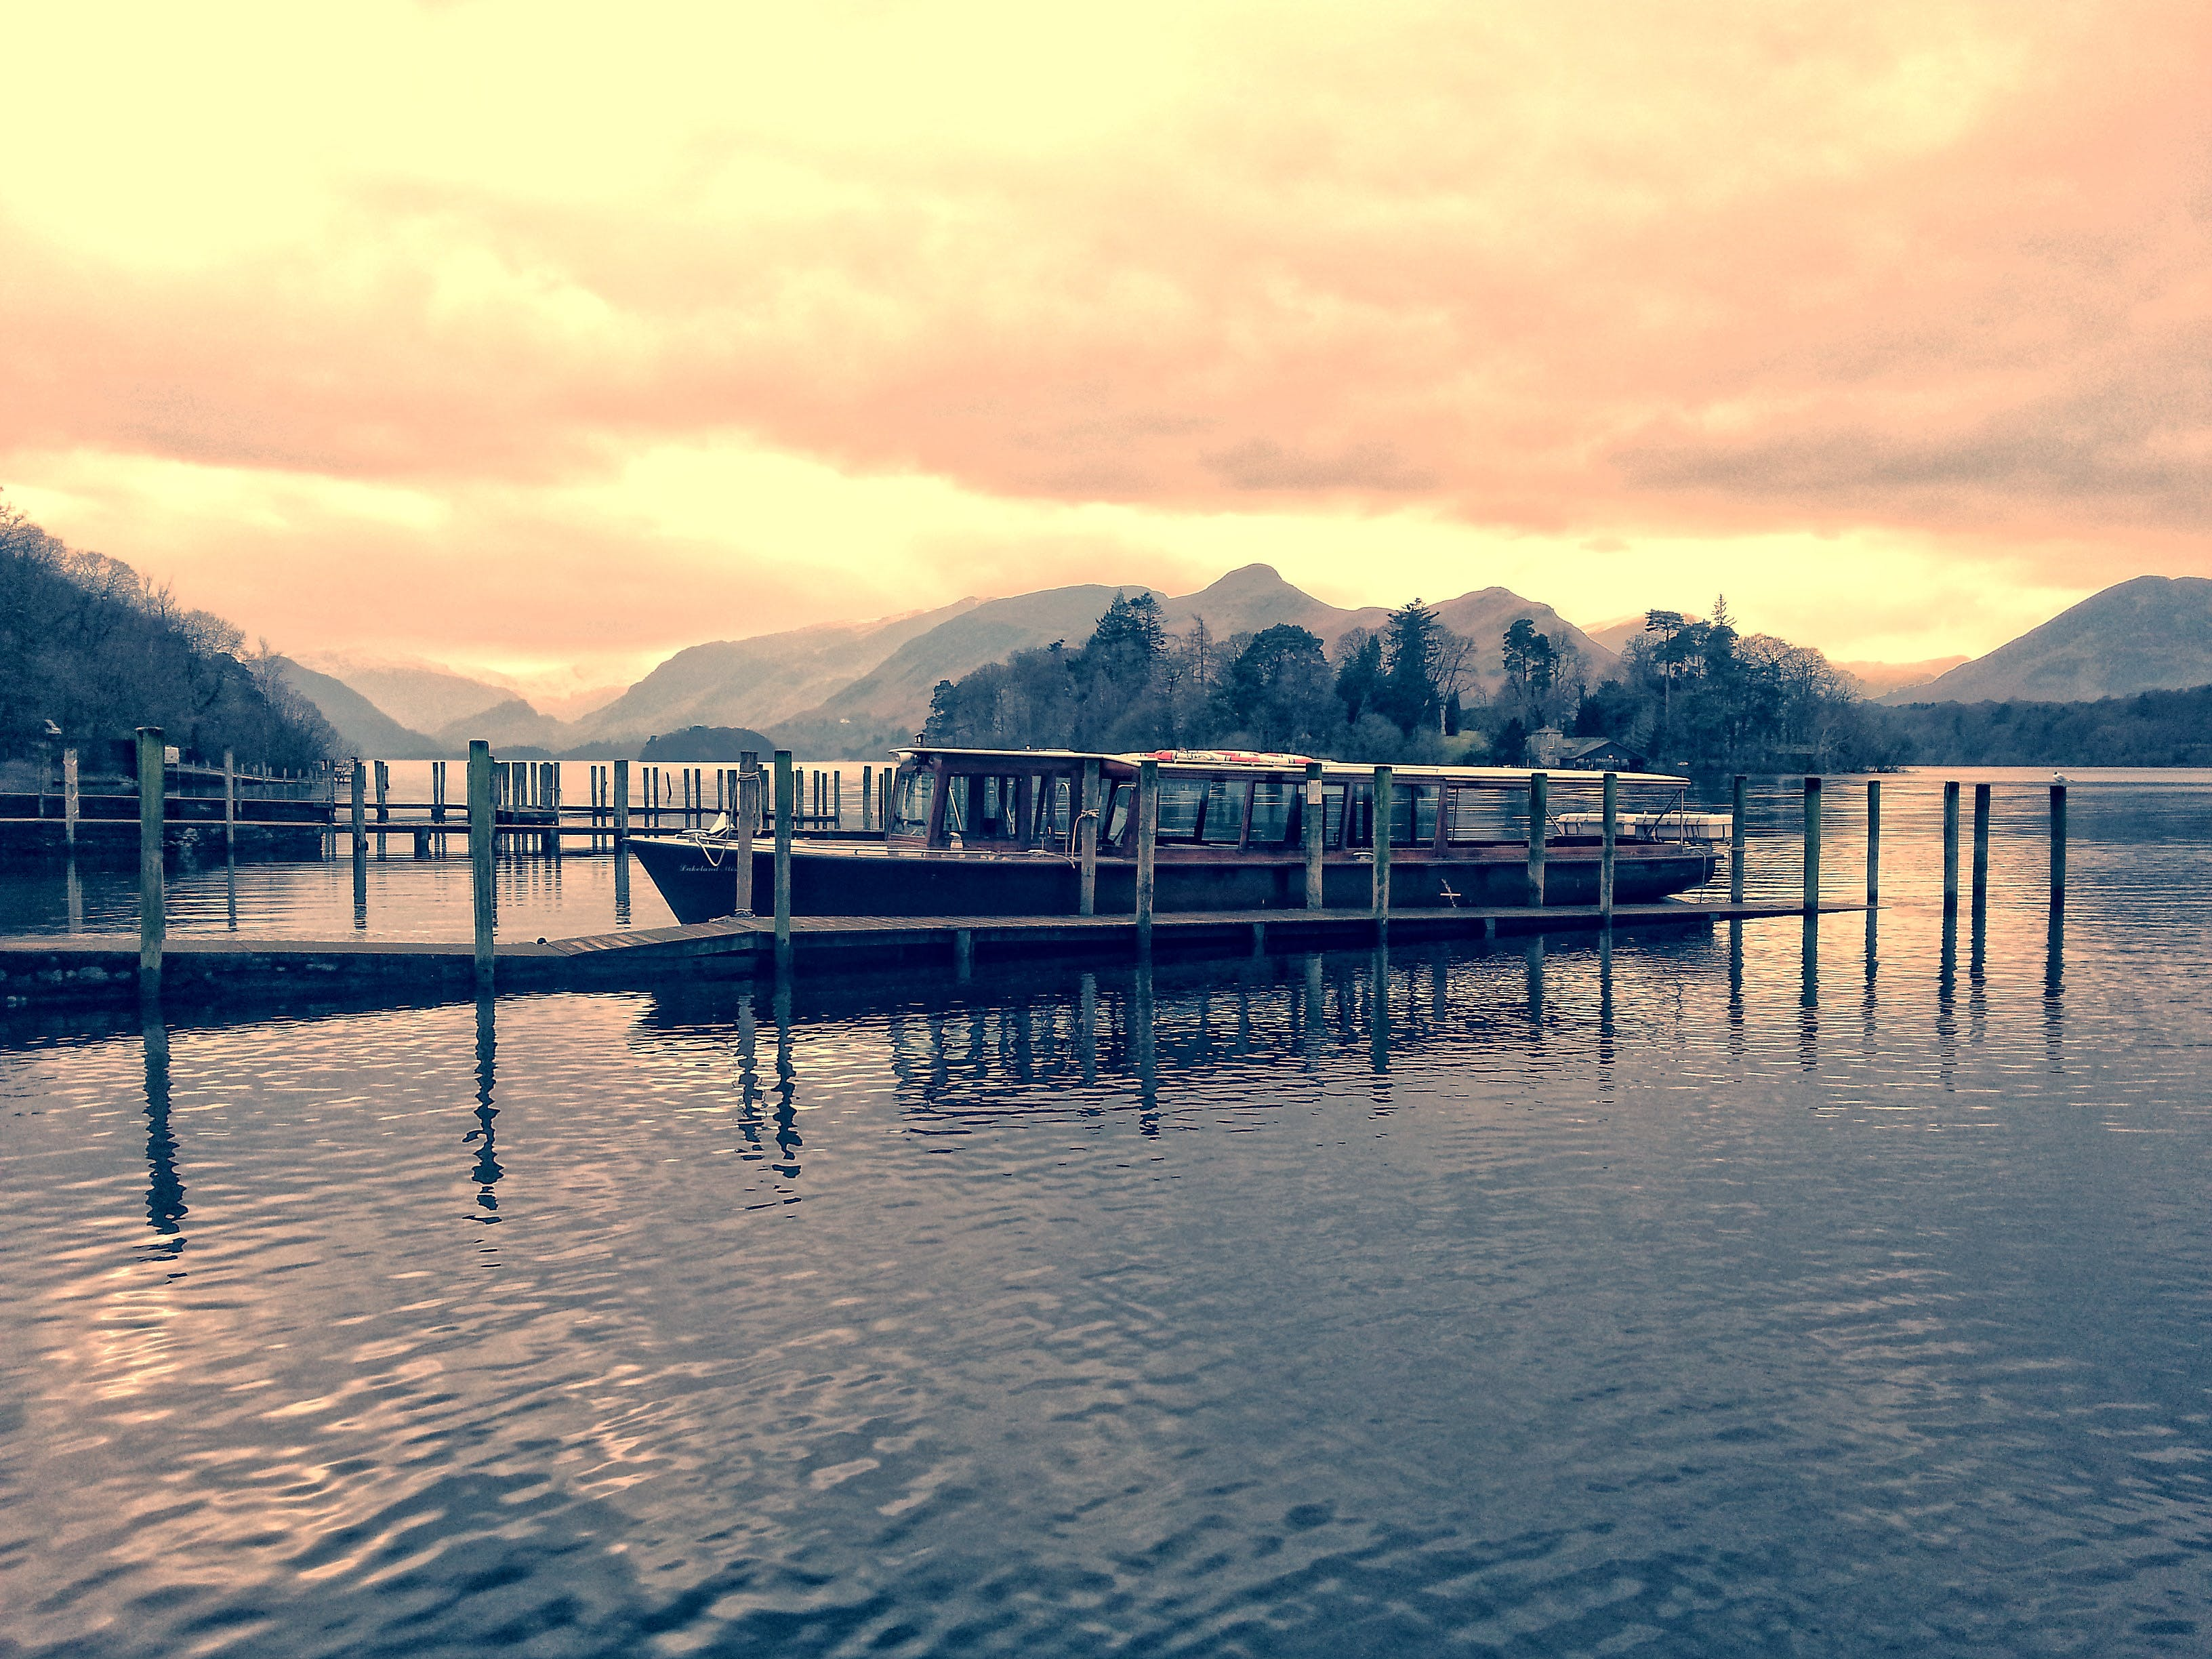 Foto d'estoc gratuïta de aigua, arbres, barca, capvespre